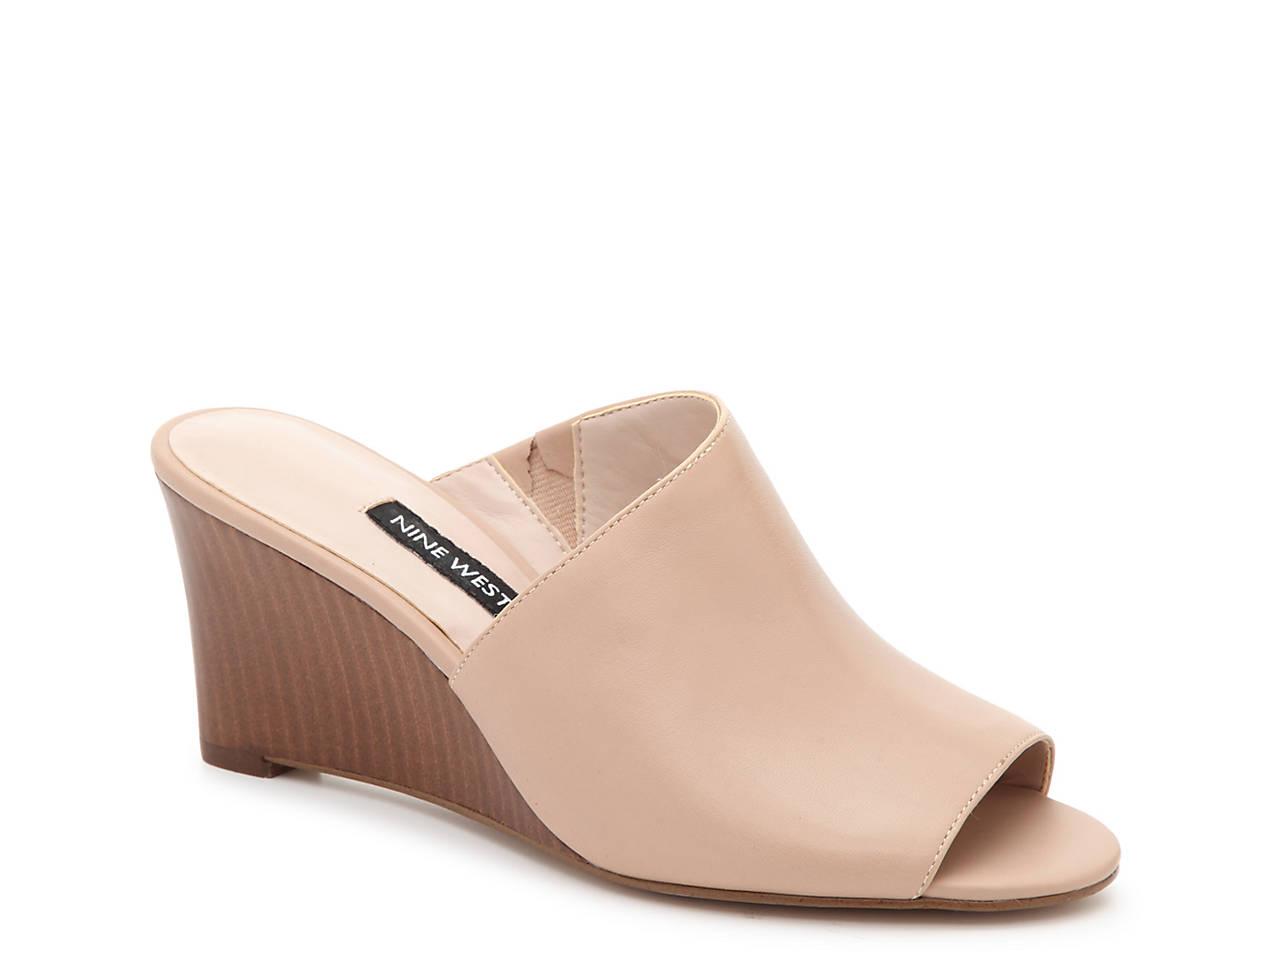 777c87665e Nine West Voce Wedge Sandal Women's Shoes | DSW